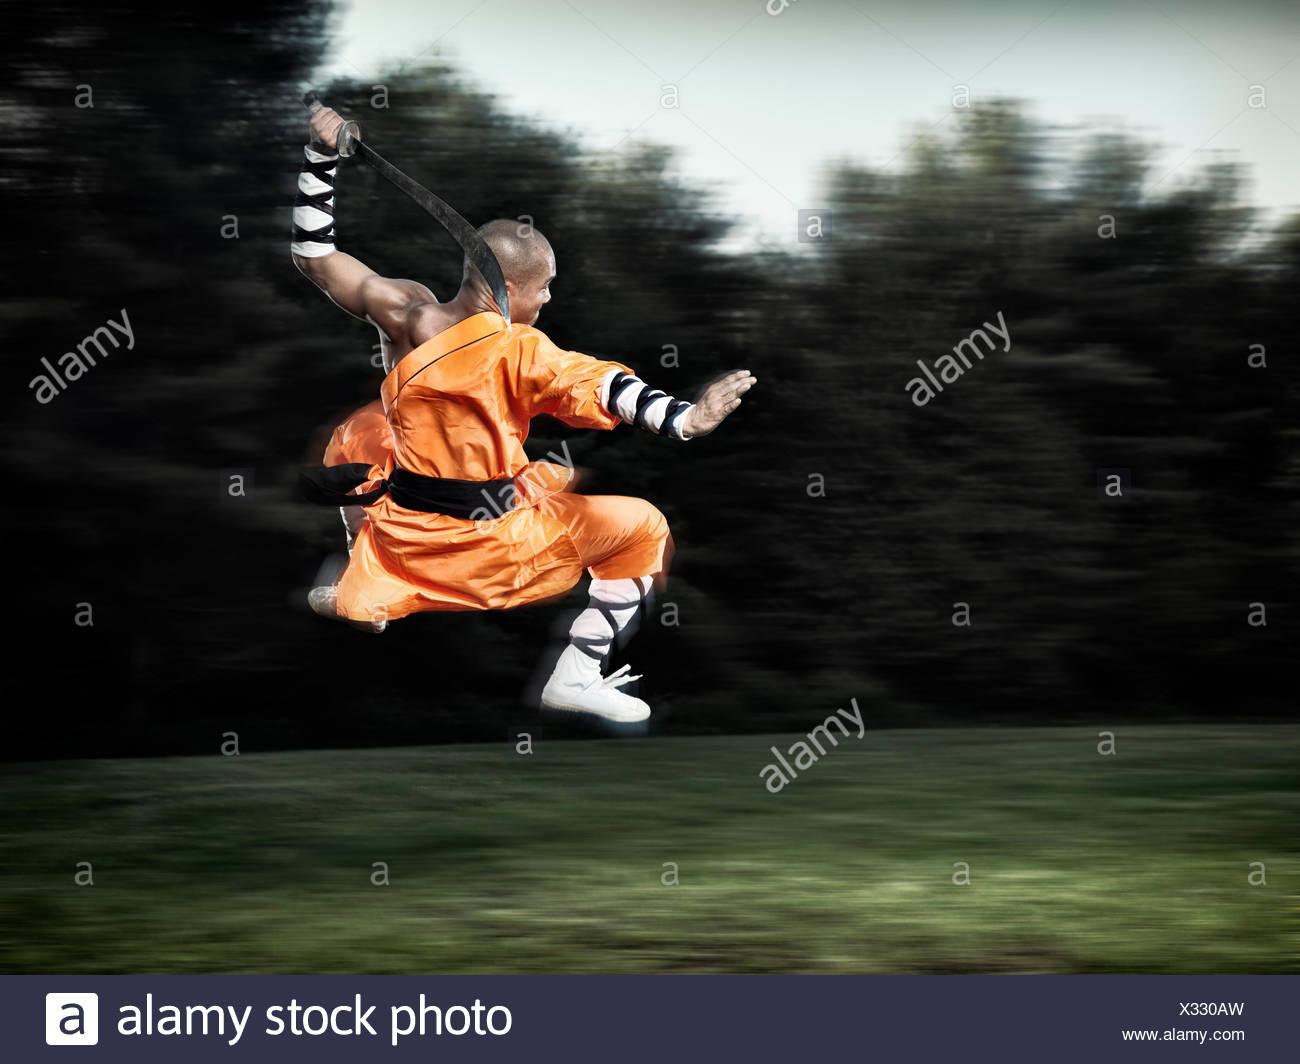 Monje guerrero Shaolin en mitad del aire saltar con una amplia espada Imagen De Stock